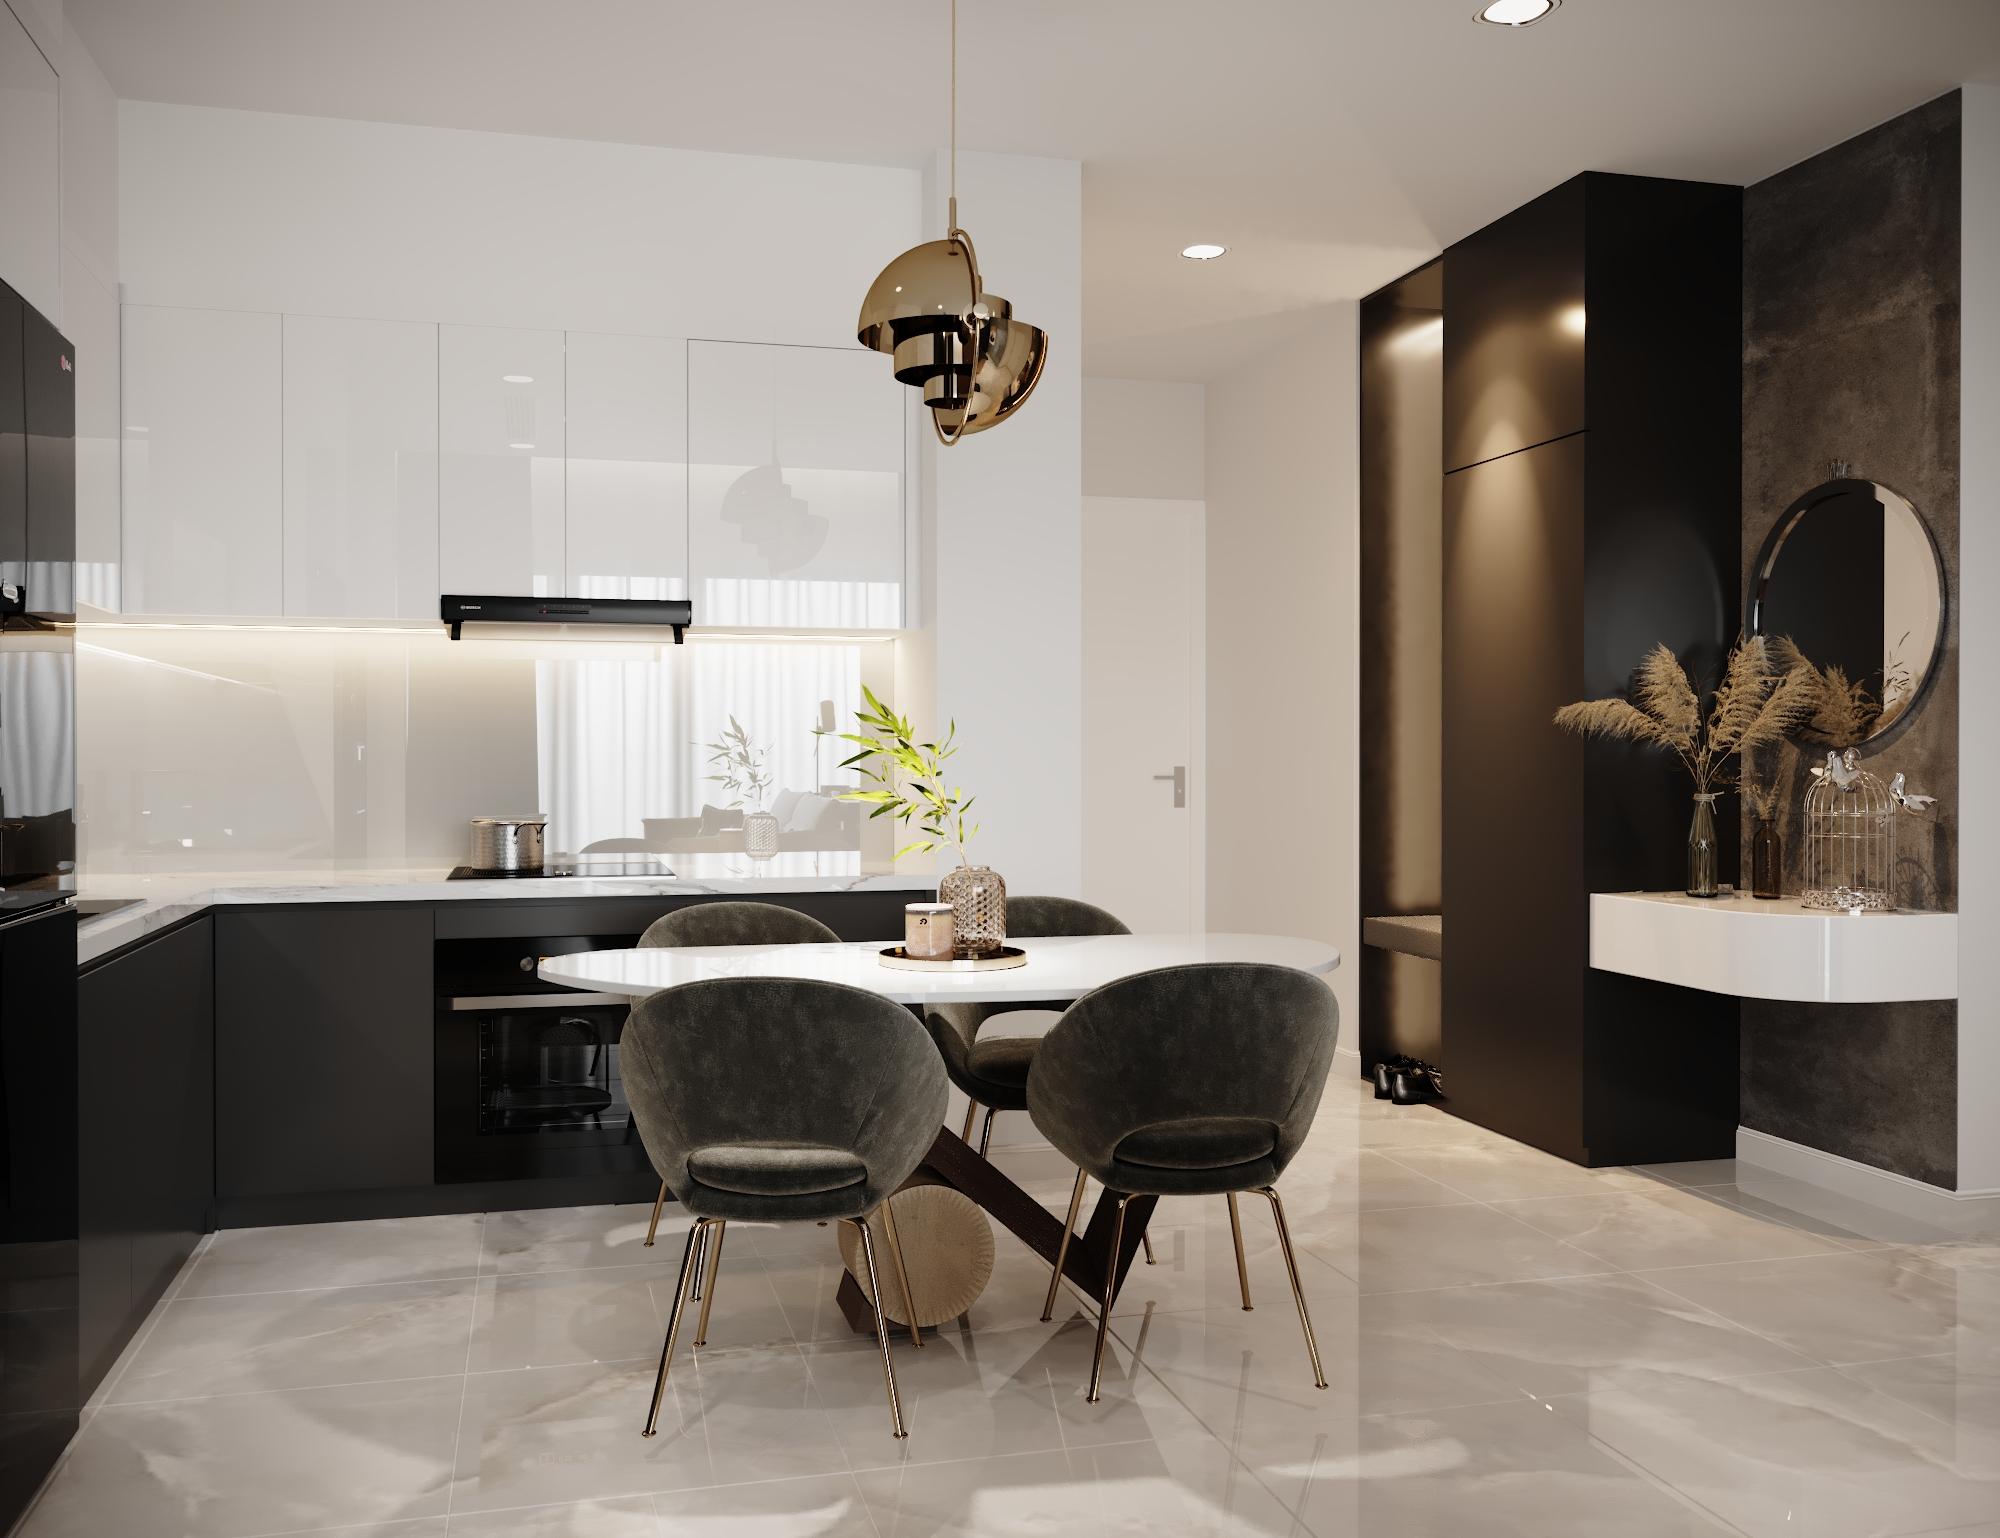 Thiết kế nội thất Chung Cư tại Hồ Chí Minh Vinhomes Bason 1575023164 1